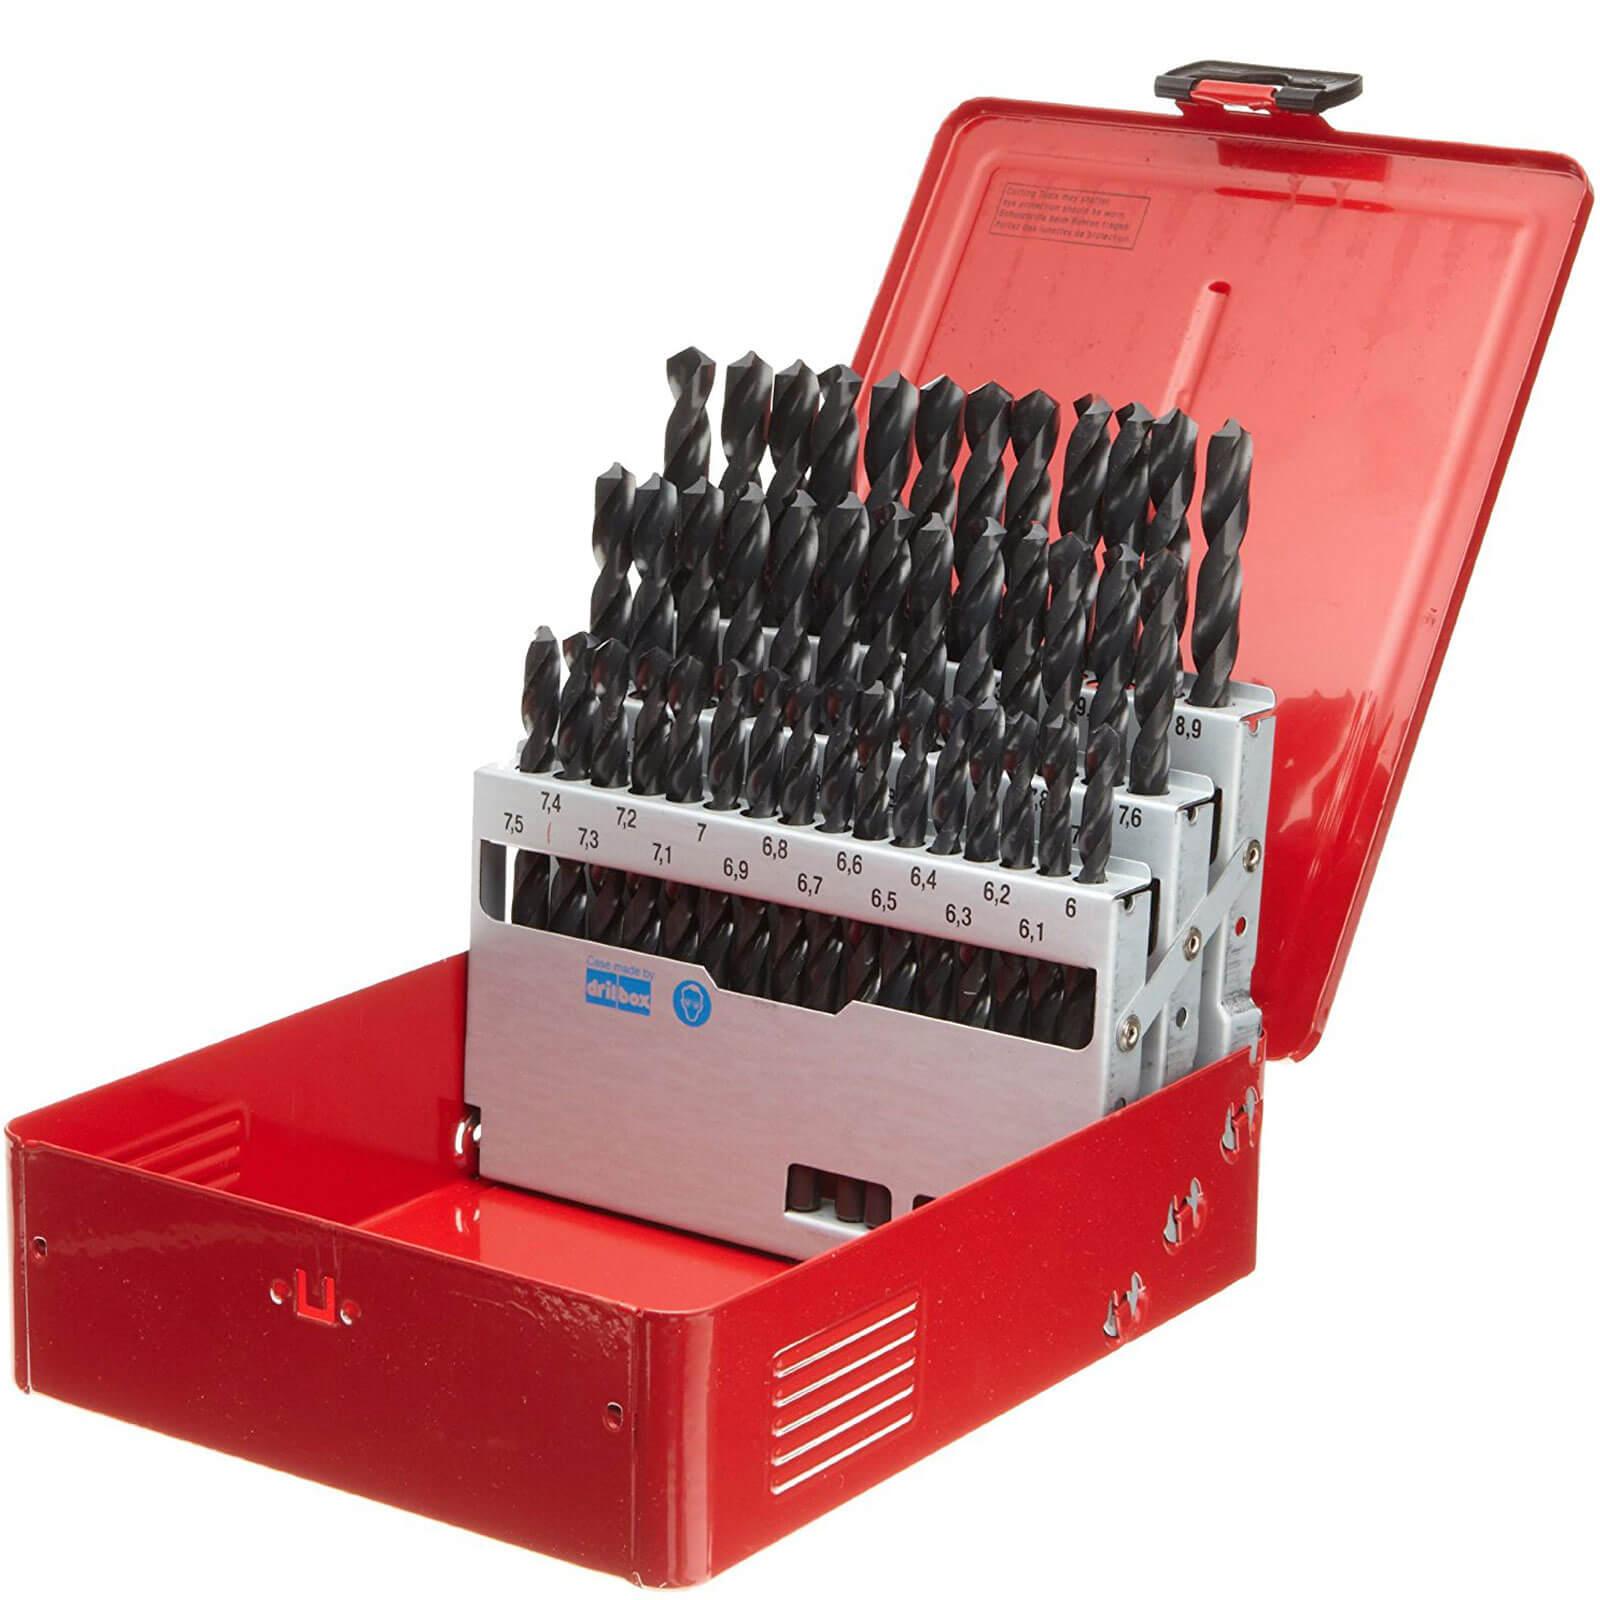 Image of Dormer A190-203 41 Piece HSS Jobber Drill Bit Set